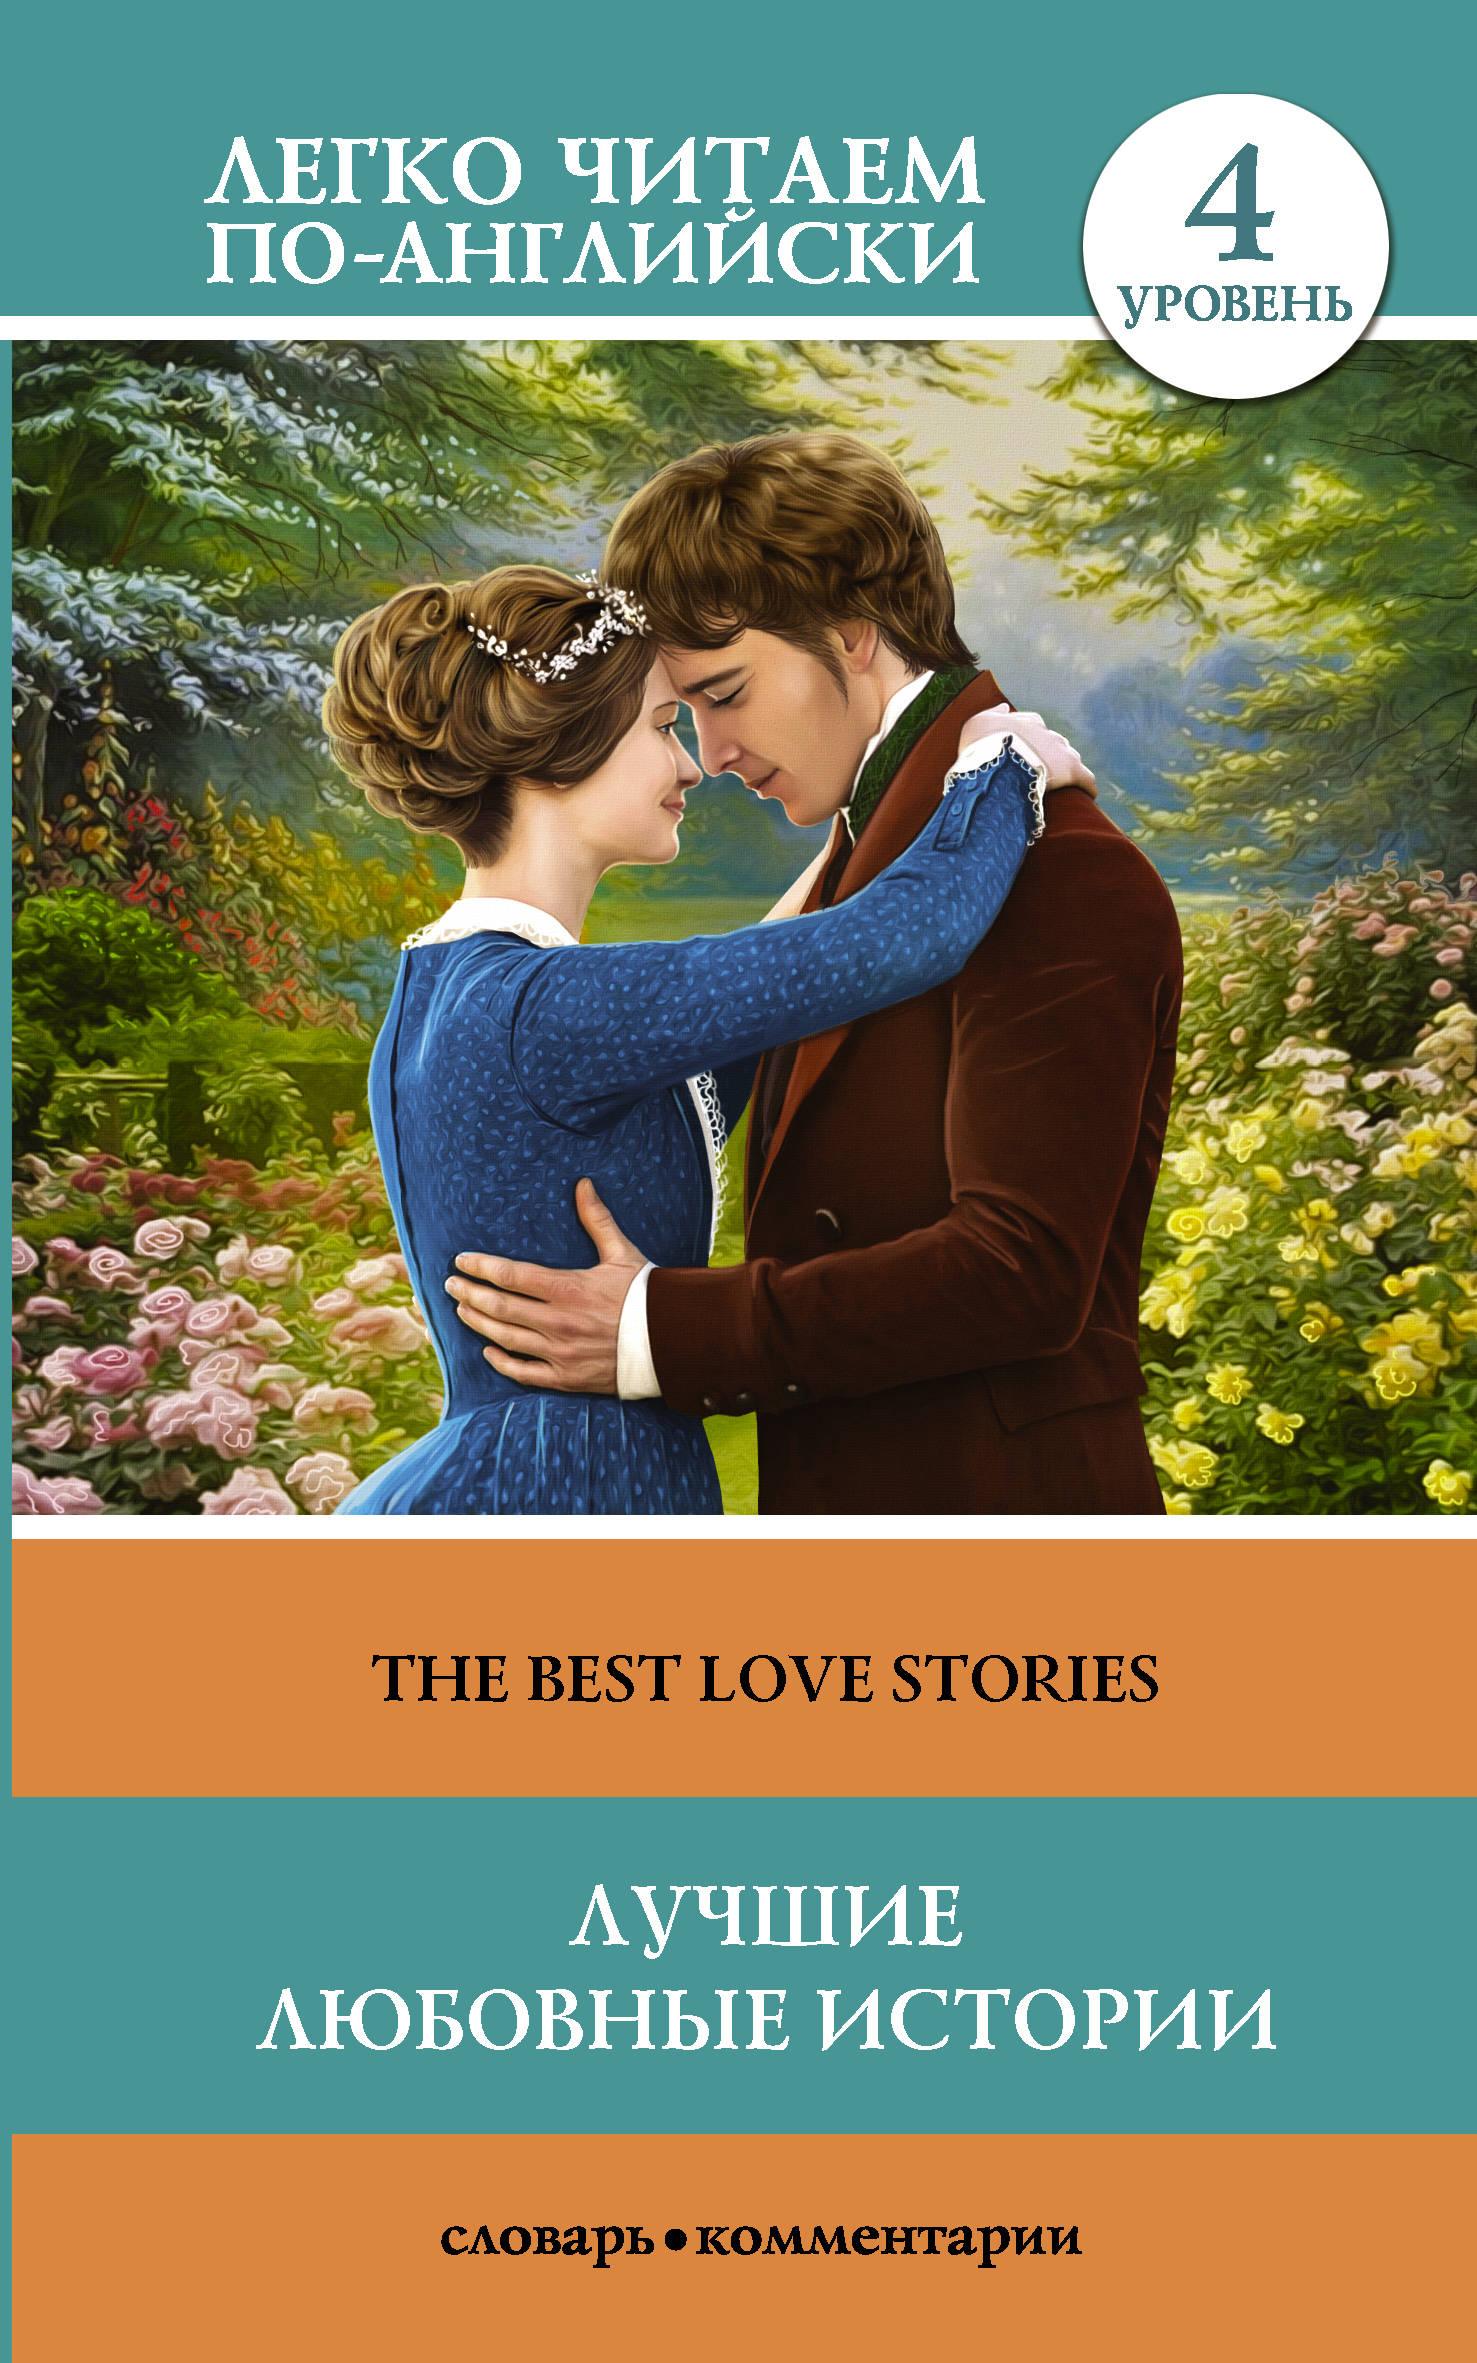 Глушенкова Е.В. Лучшие любовные истории. Уровень 4 книгу элементарный английский для всех